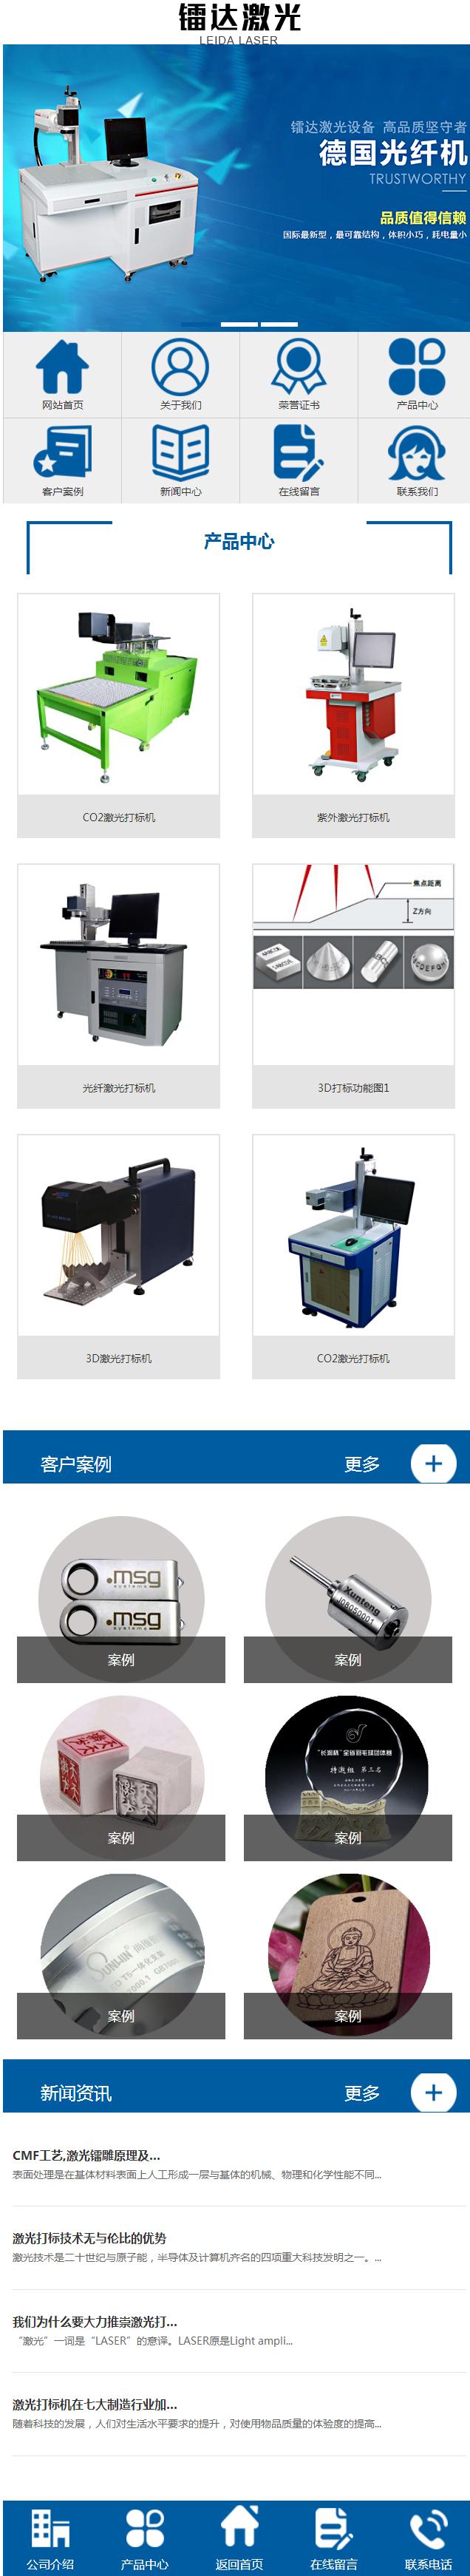 镭达激光智能科技有限公司